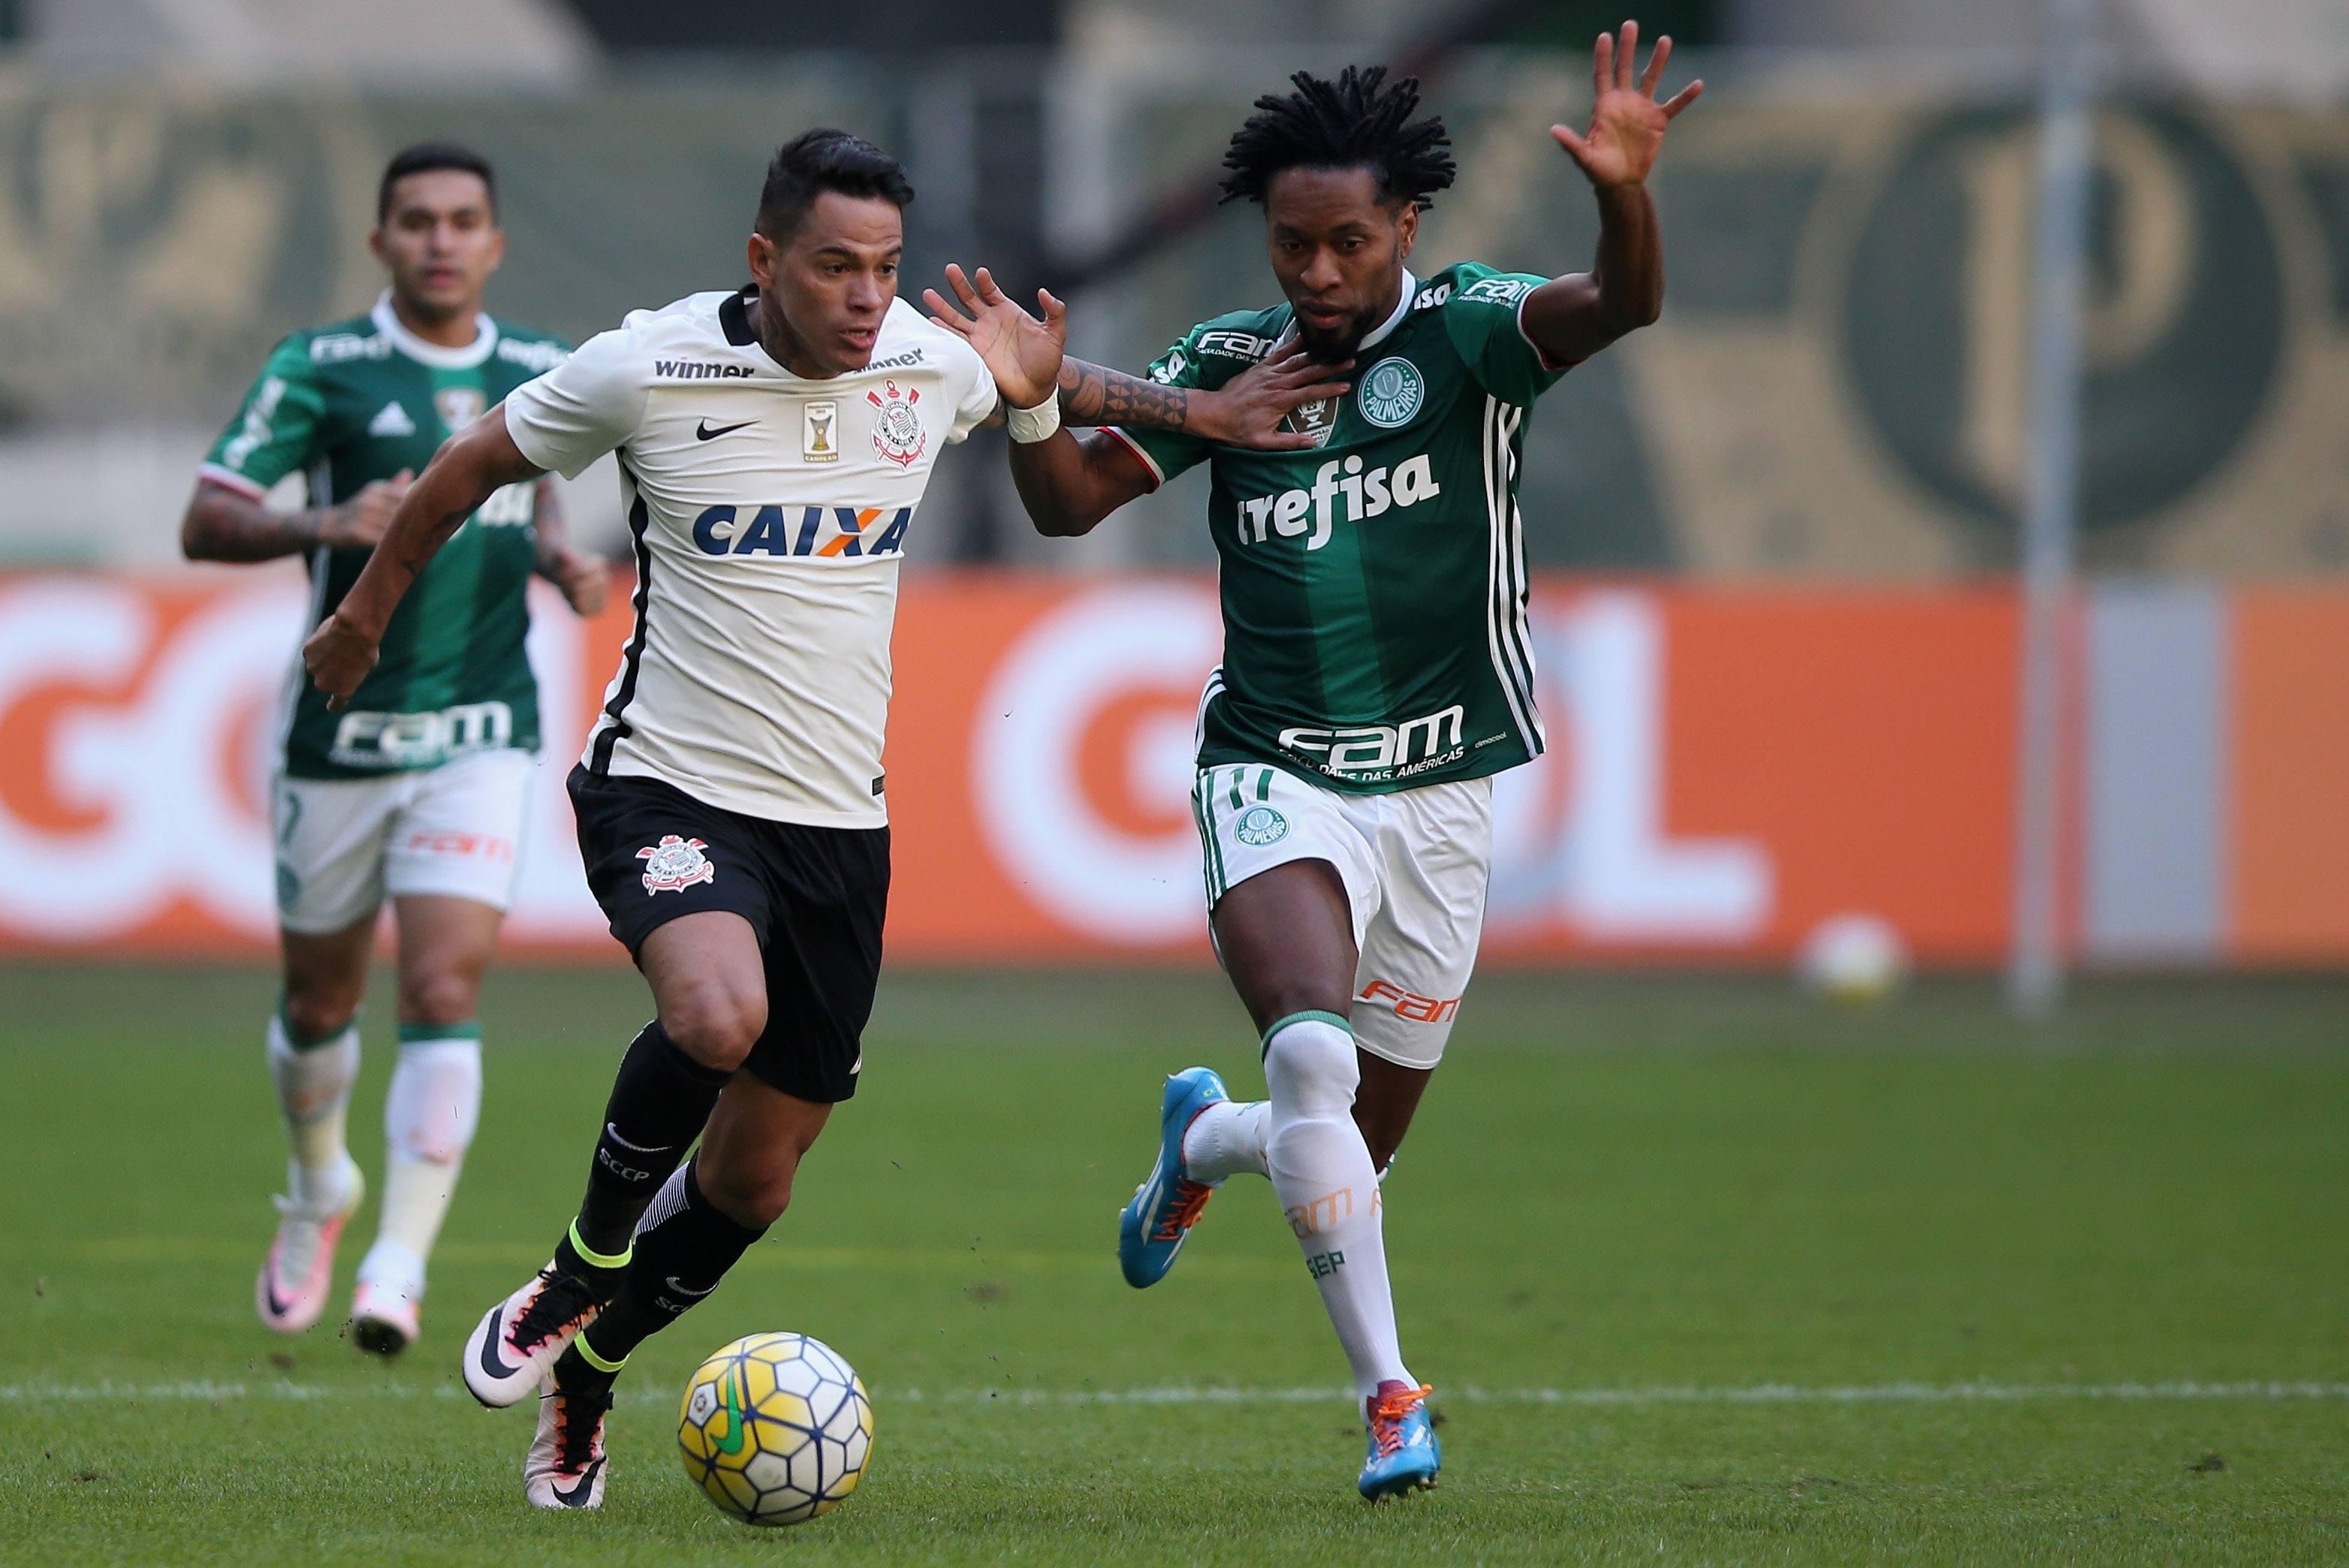 Mineiro Corinthians Maçı İddaa Tahmini 03.08.2017